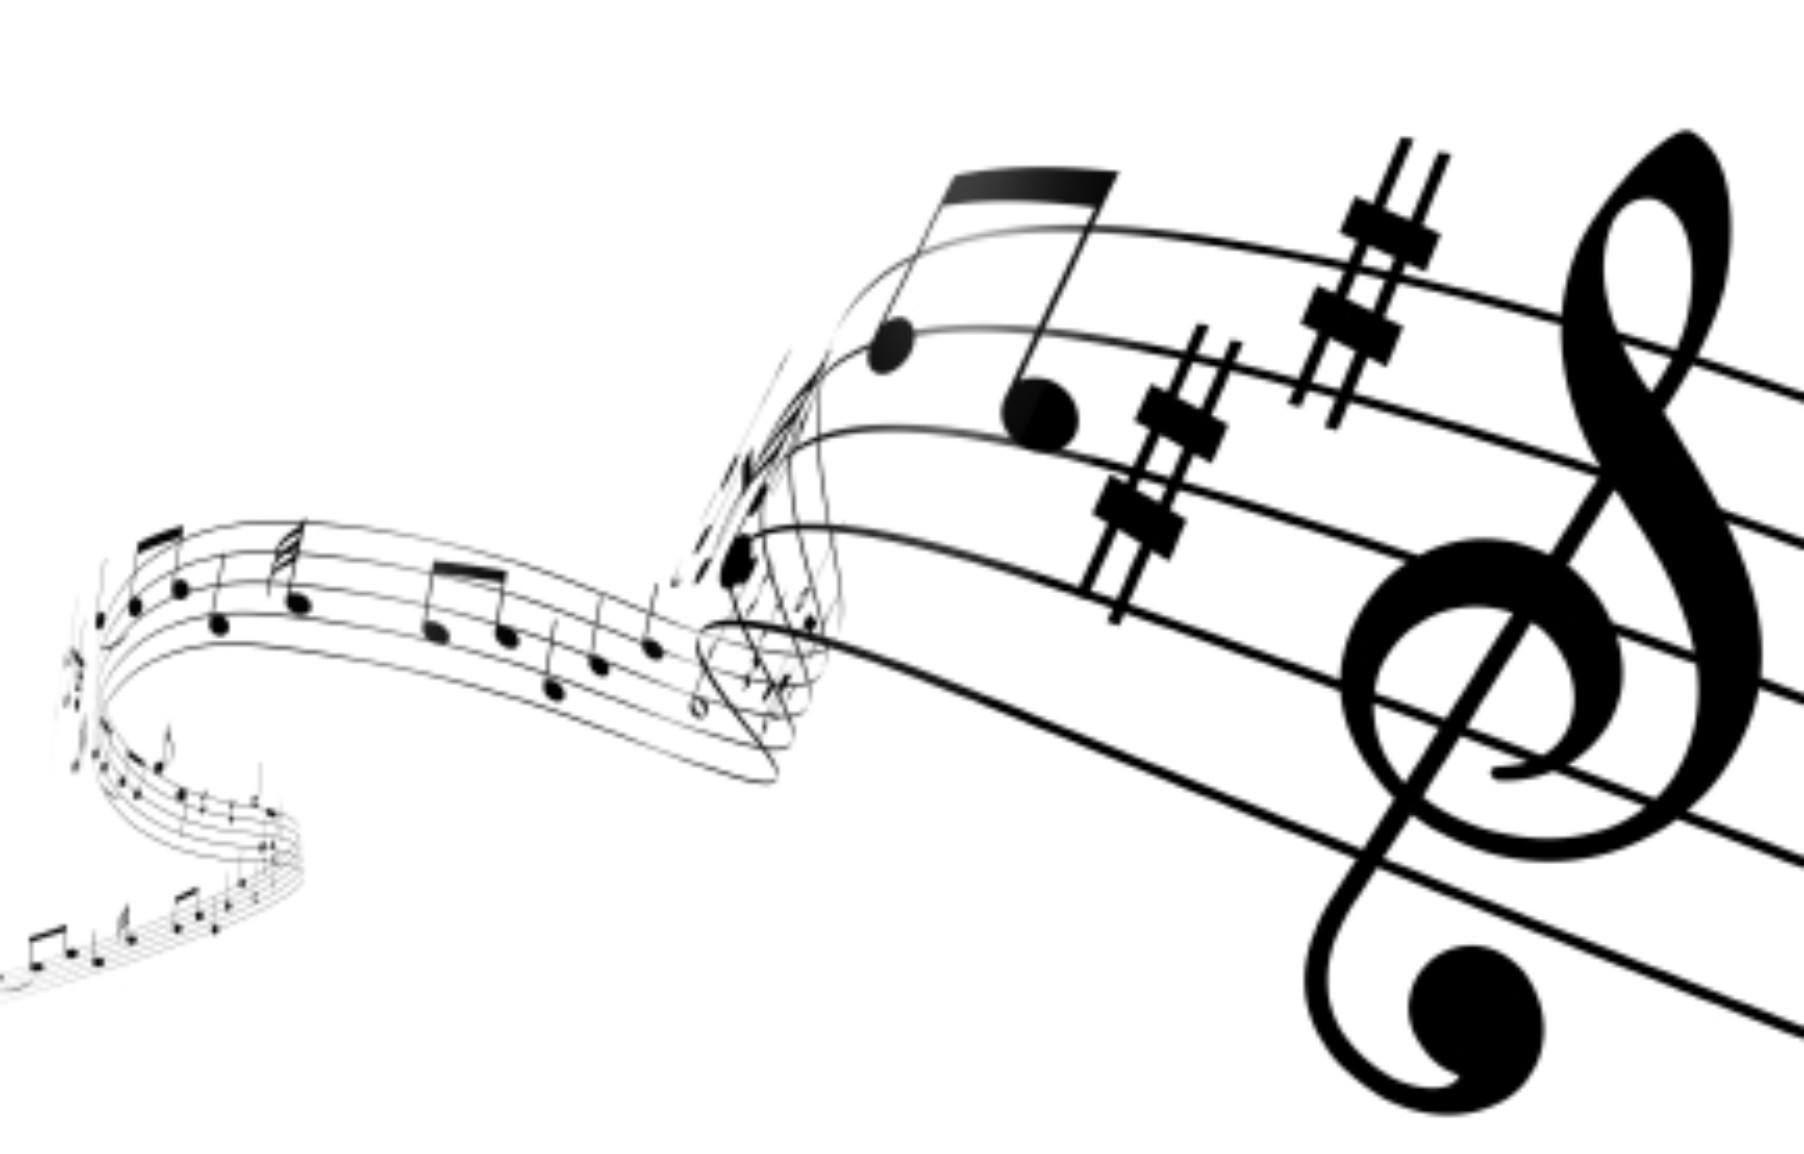 KAPiS – Konsert med Kulturskolans Avancerade Program